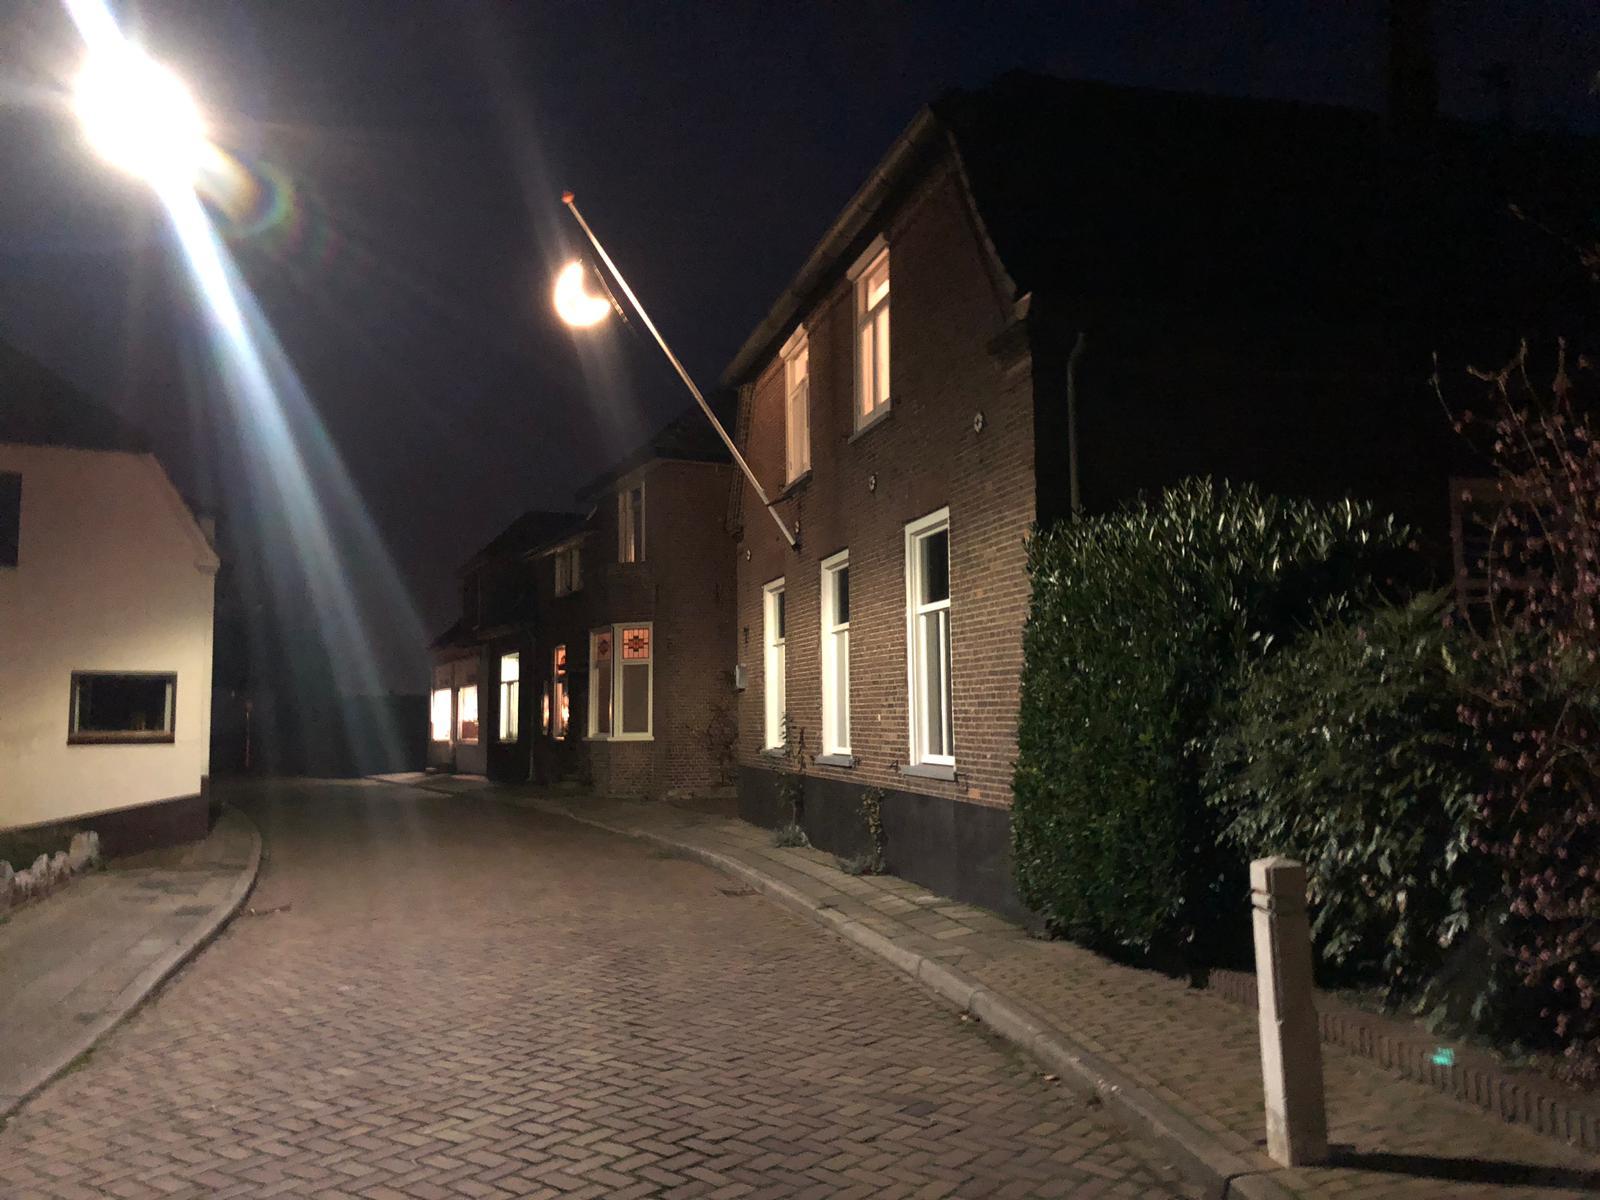 Lievelingsstraat